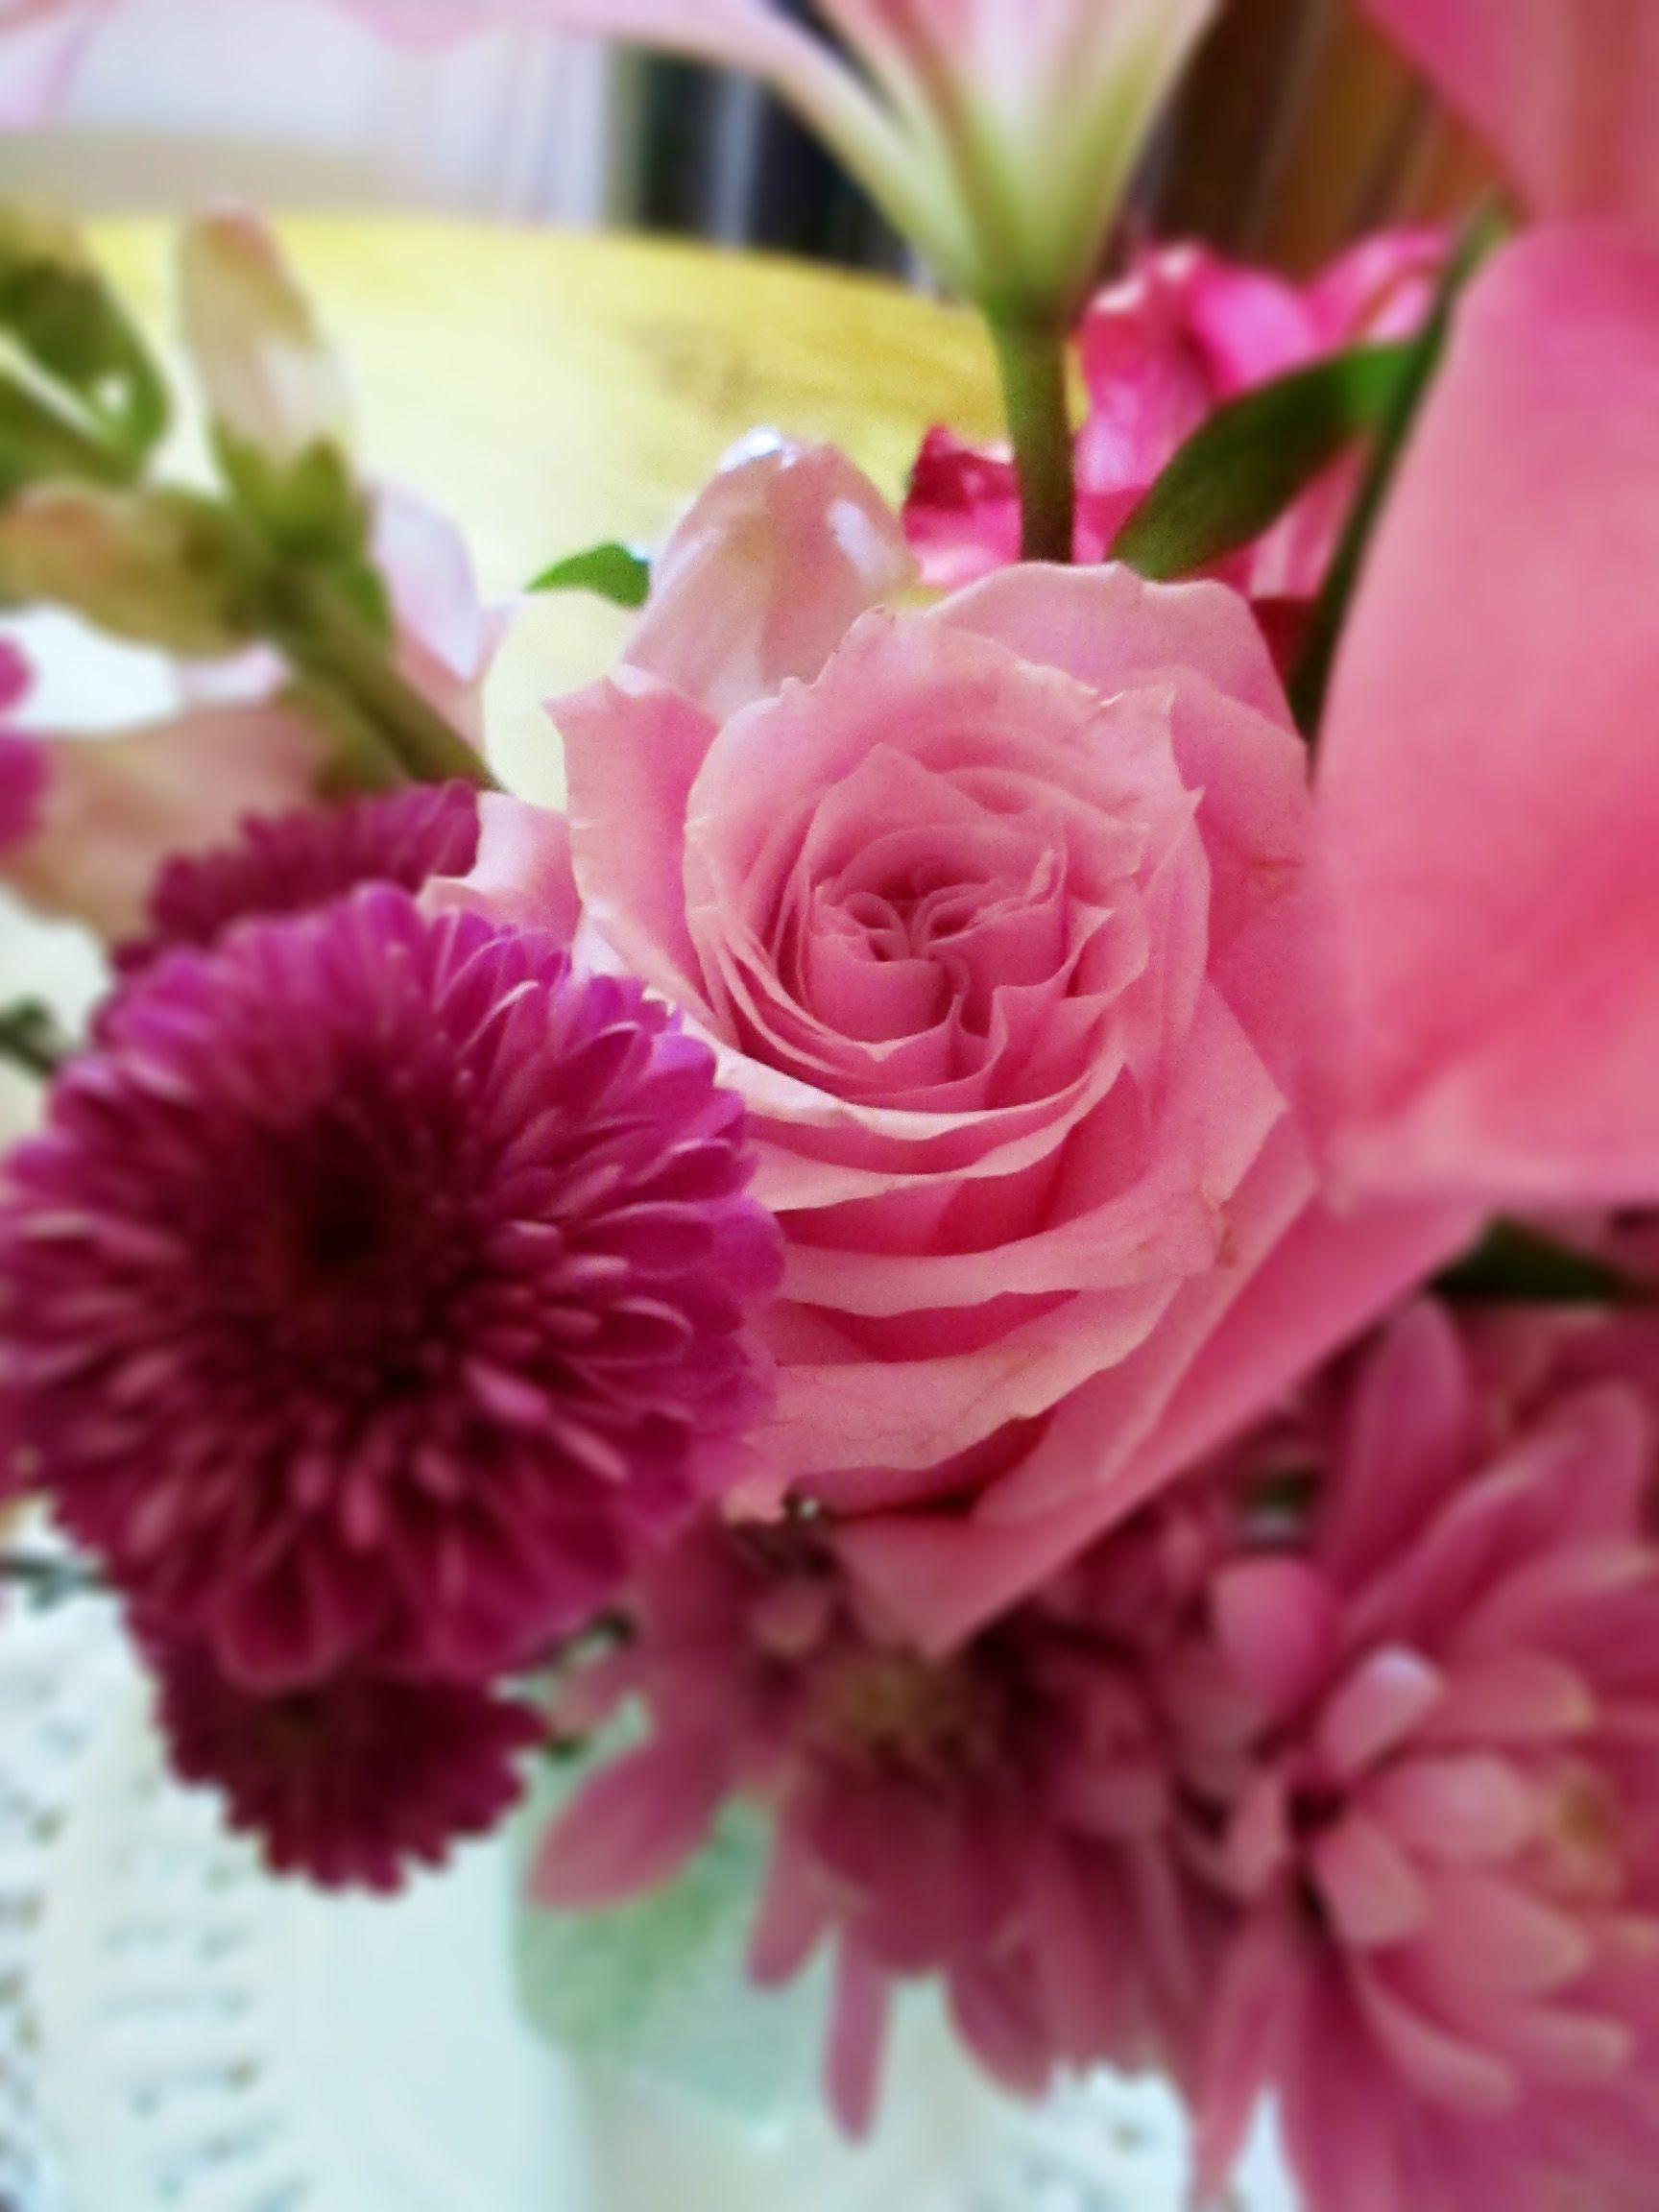 Pinkpurple flowers bouquet flowers pinterest flowers pinkpurple flowers bouquet izmirmasajfo